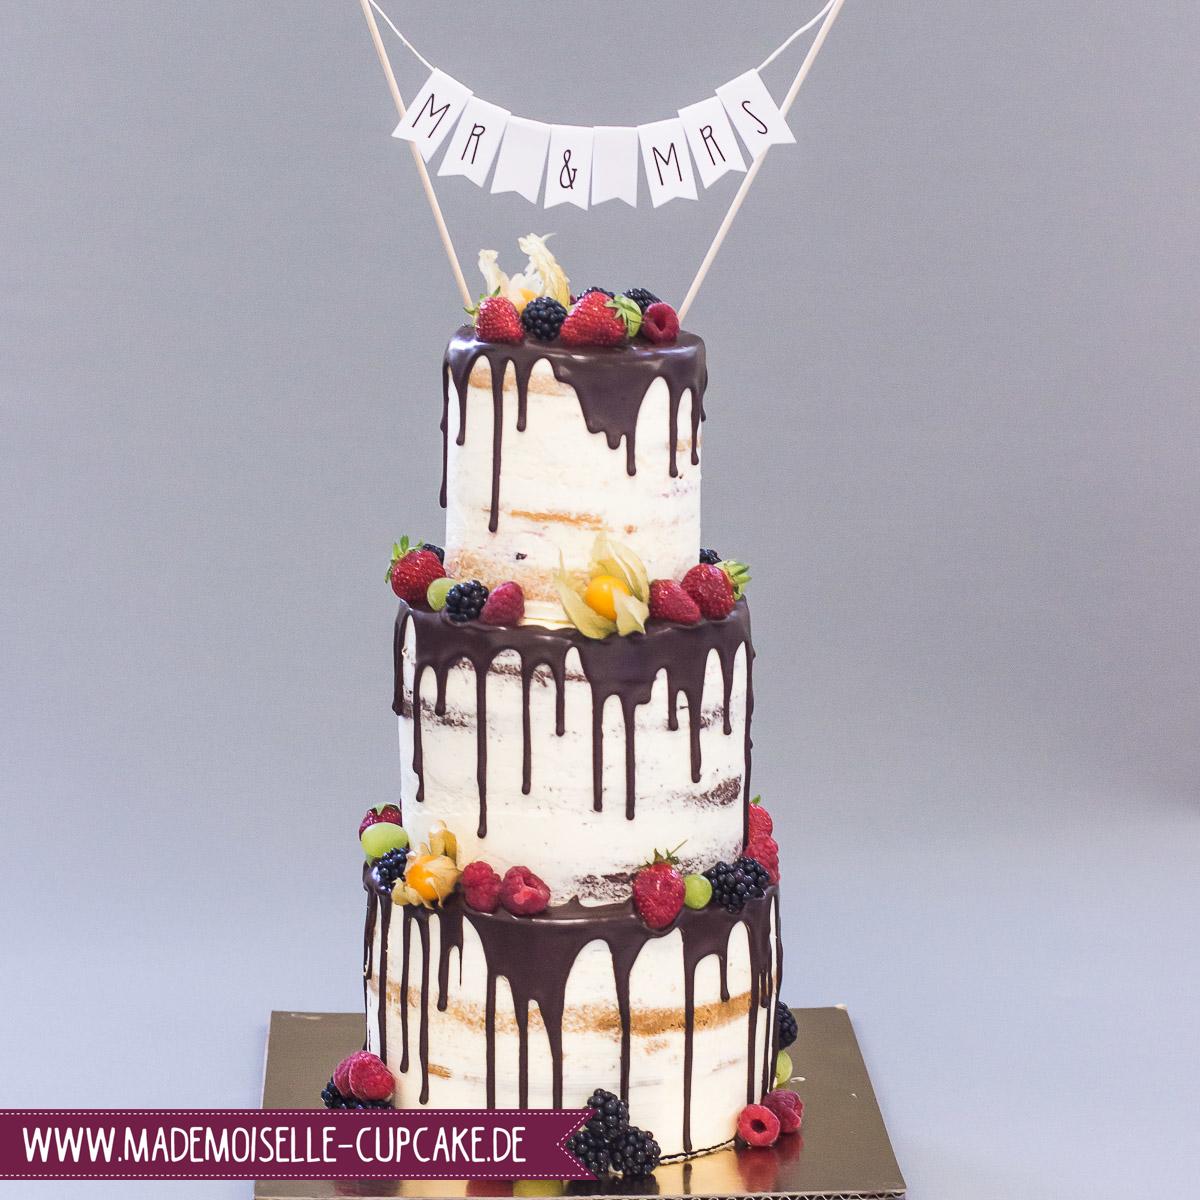 Drip Cake Hochzeitstorte Mademoiselle Cupcake